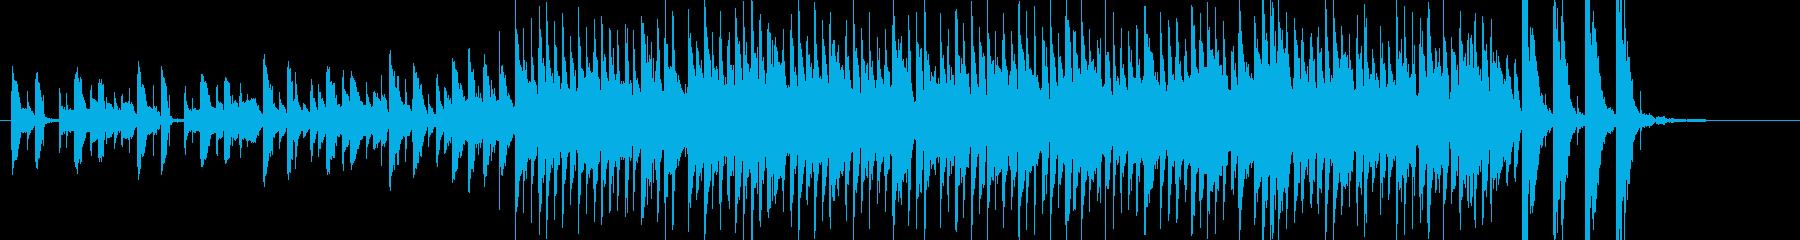 アジア風の電子音とマリンバのジングルの再生済みの波形